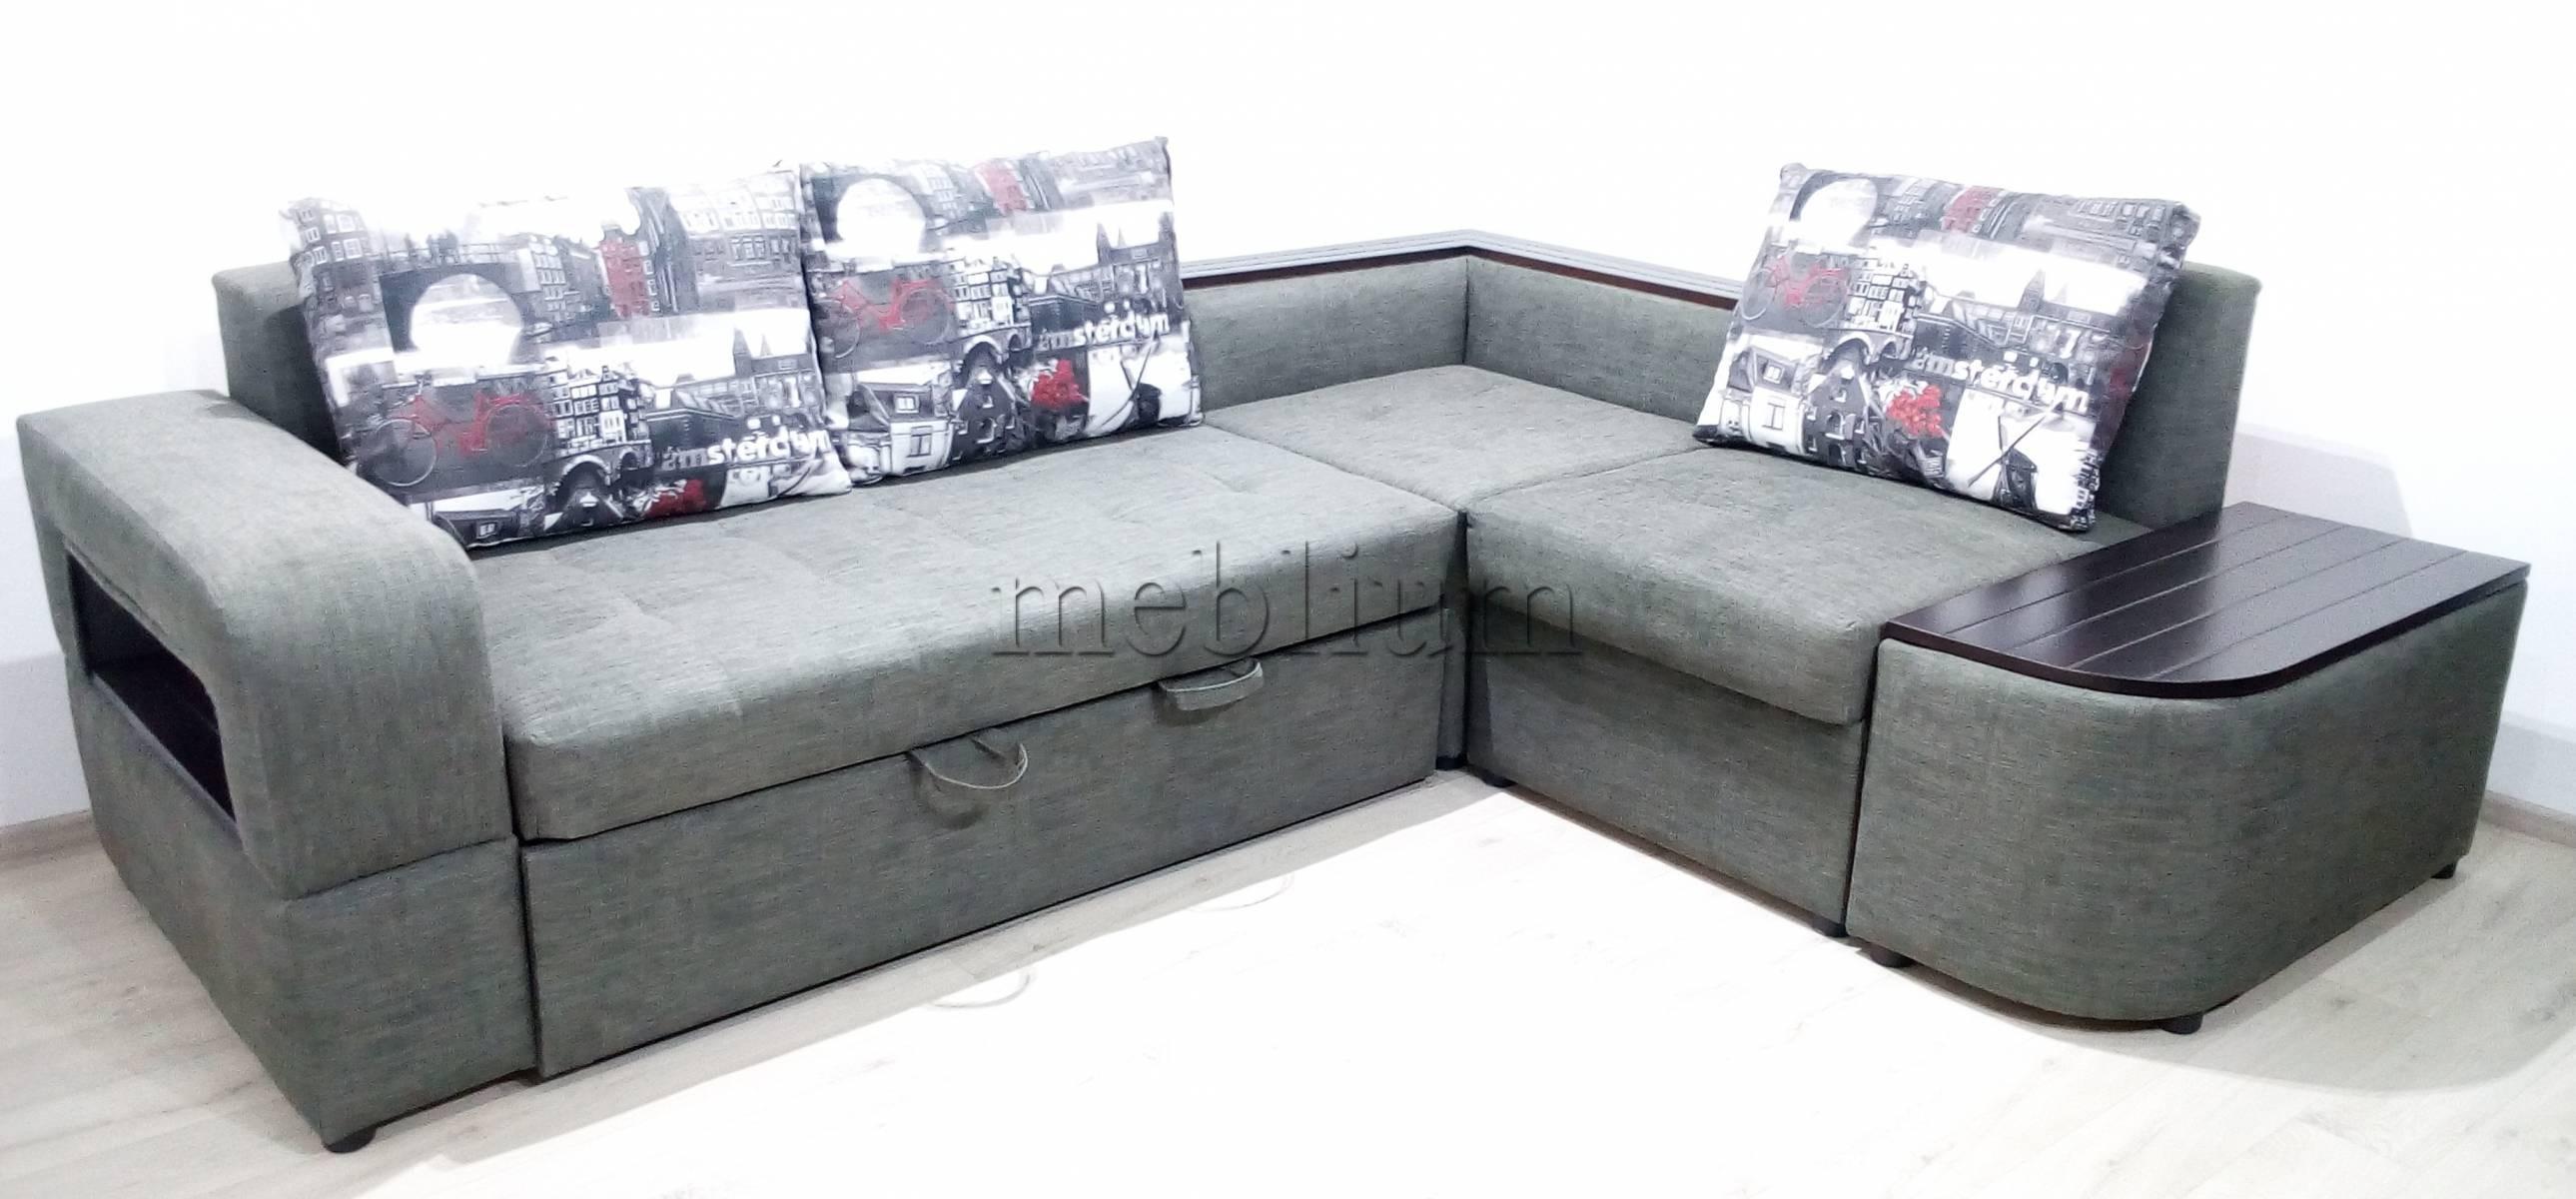 Купить УгРовой диван ГоРРивуд 76 9860 в Киеве и Украине по